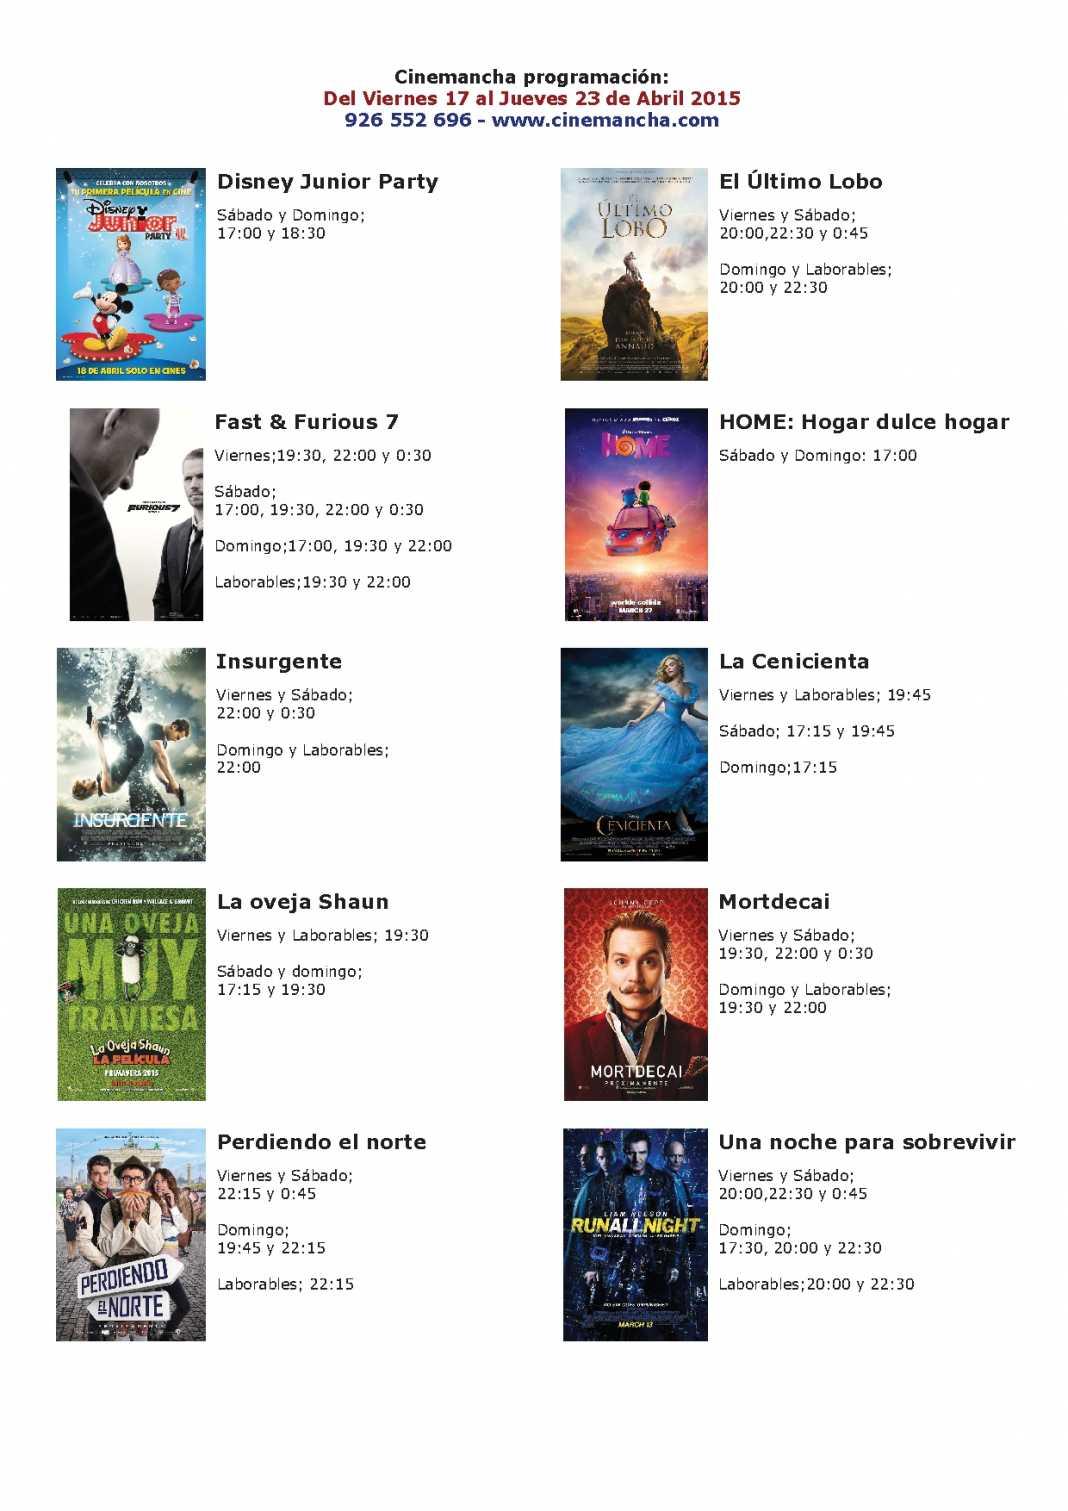 cartelera de cinemancha del 17 al 23 de abril 1068x1511 - Cartelera de Cinemancha del 17 al 23 de abril